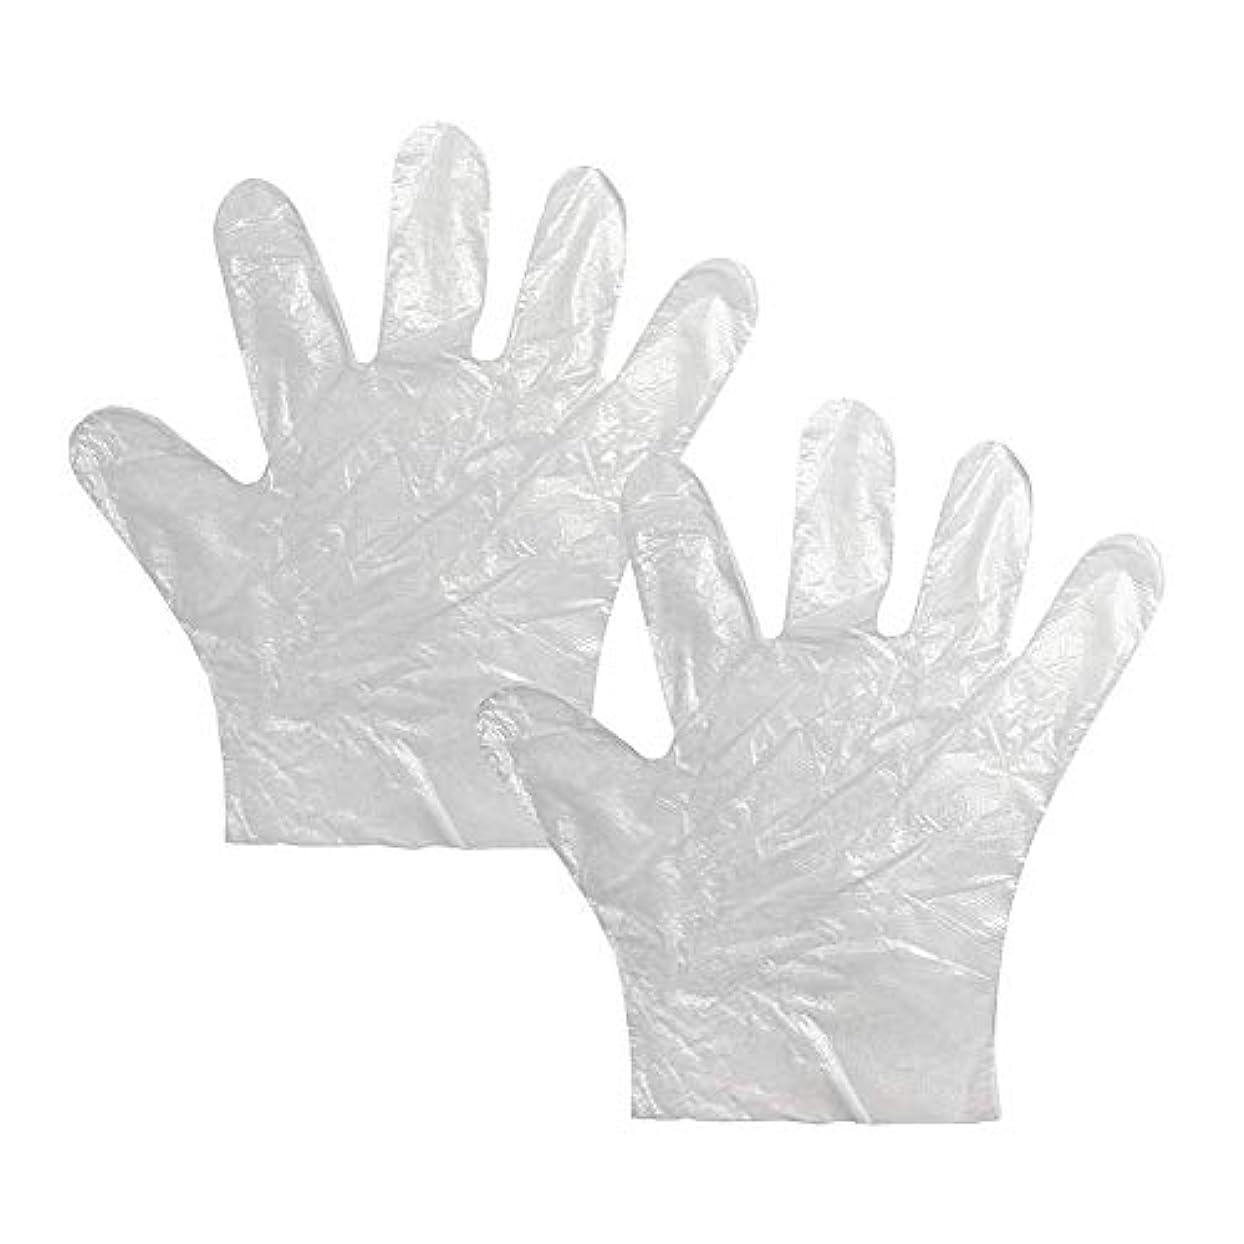 適度な恐怖ヤギ使い捨て手袋 極薄ビニール手袋 ポリエチレン 透明 実用 衛生 100枚*2セット